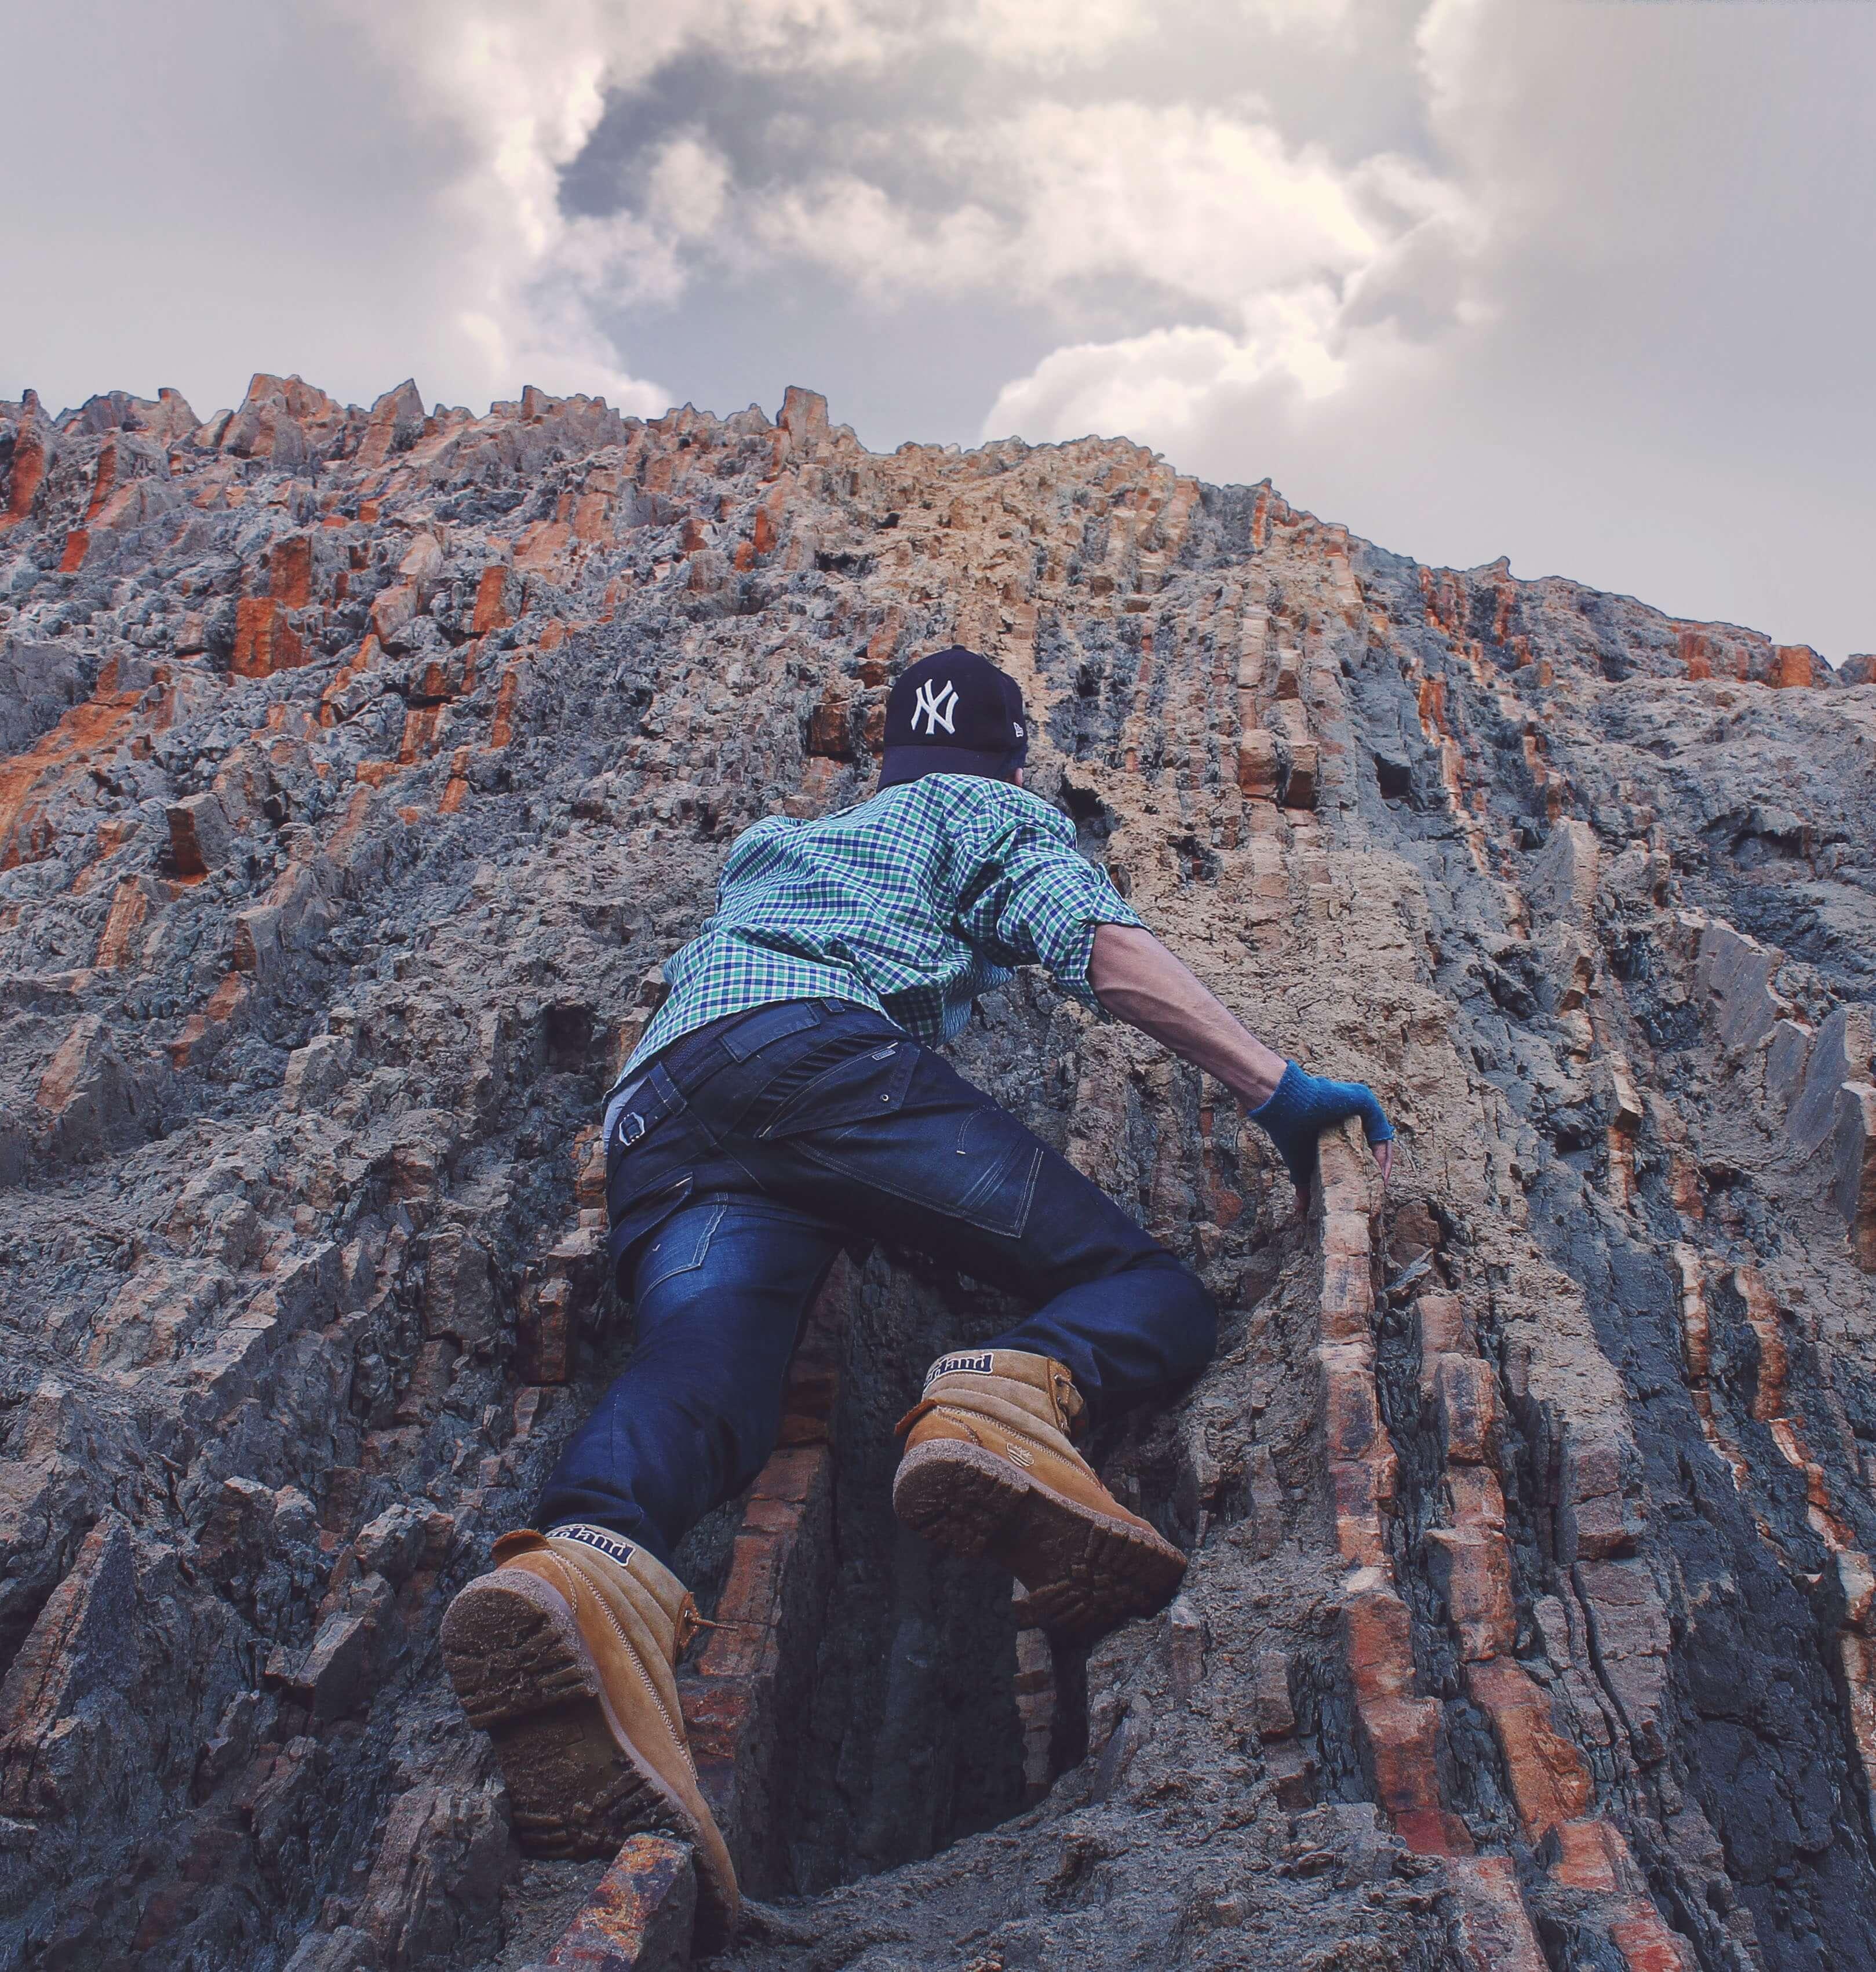 להגיע לפסגת האוורסט - men mountain climbing